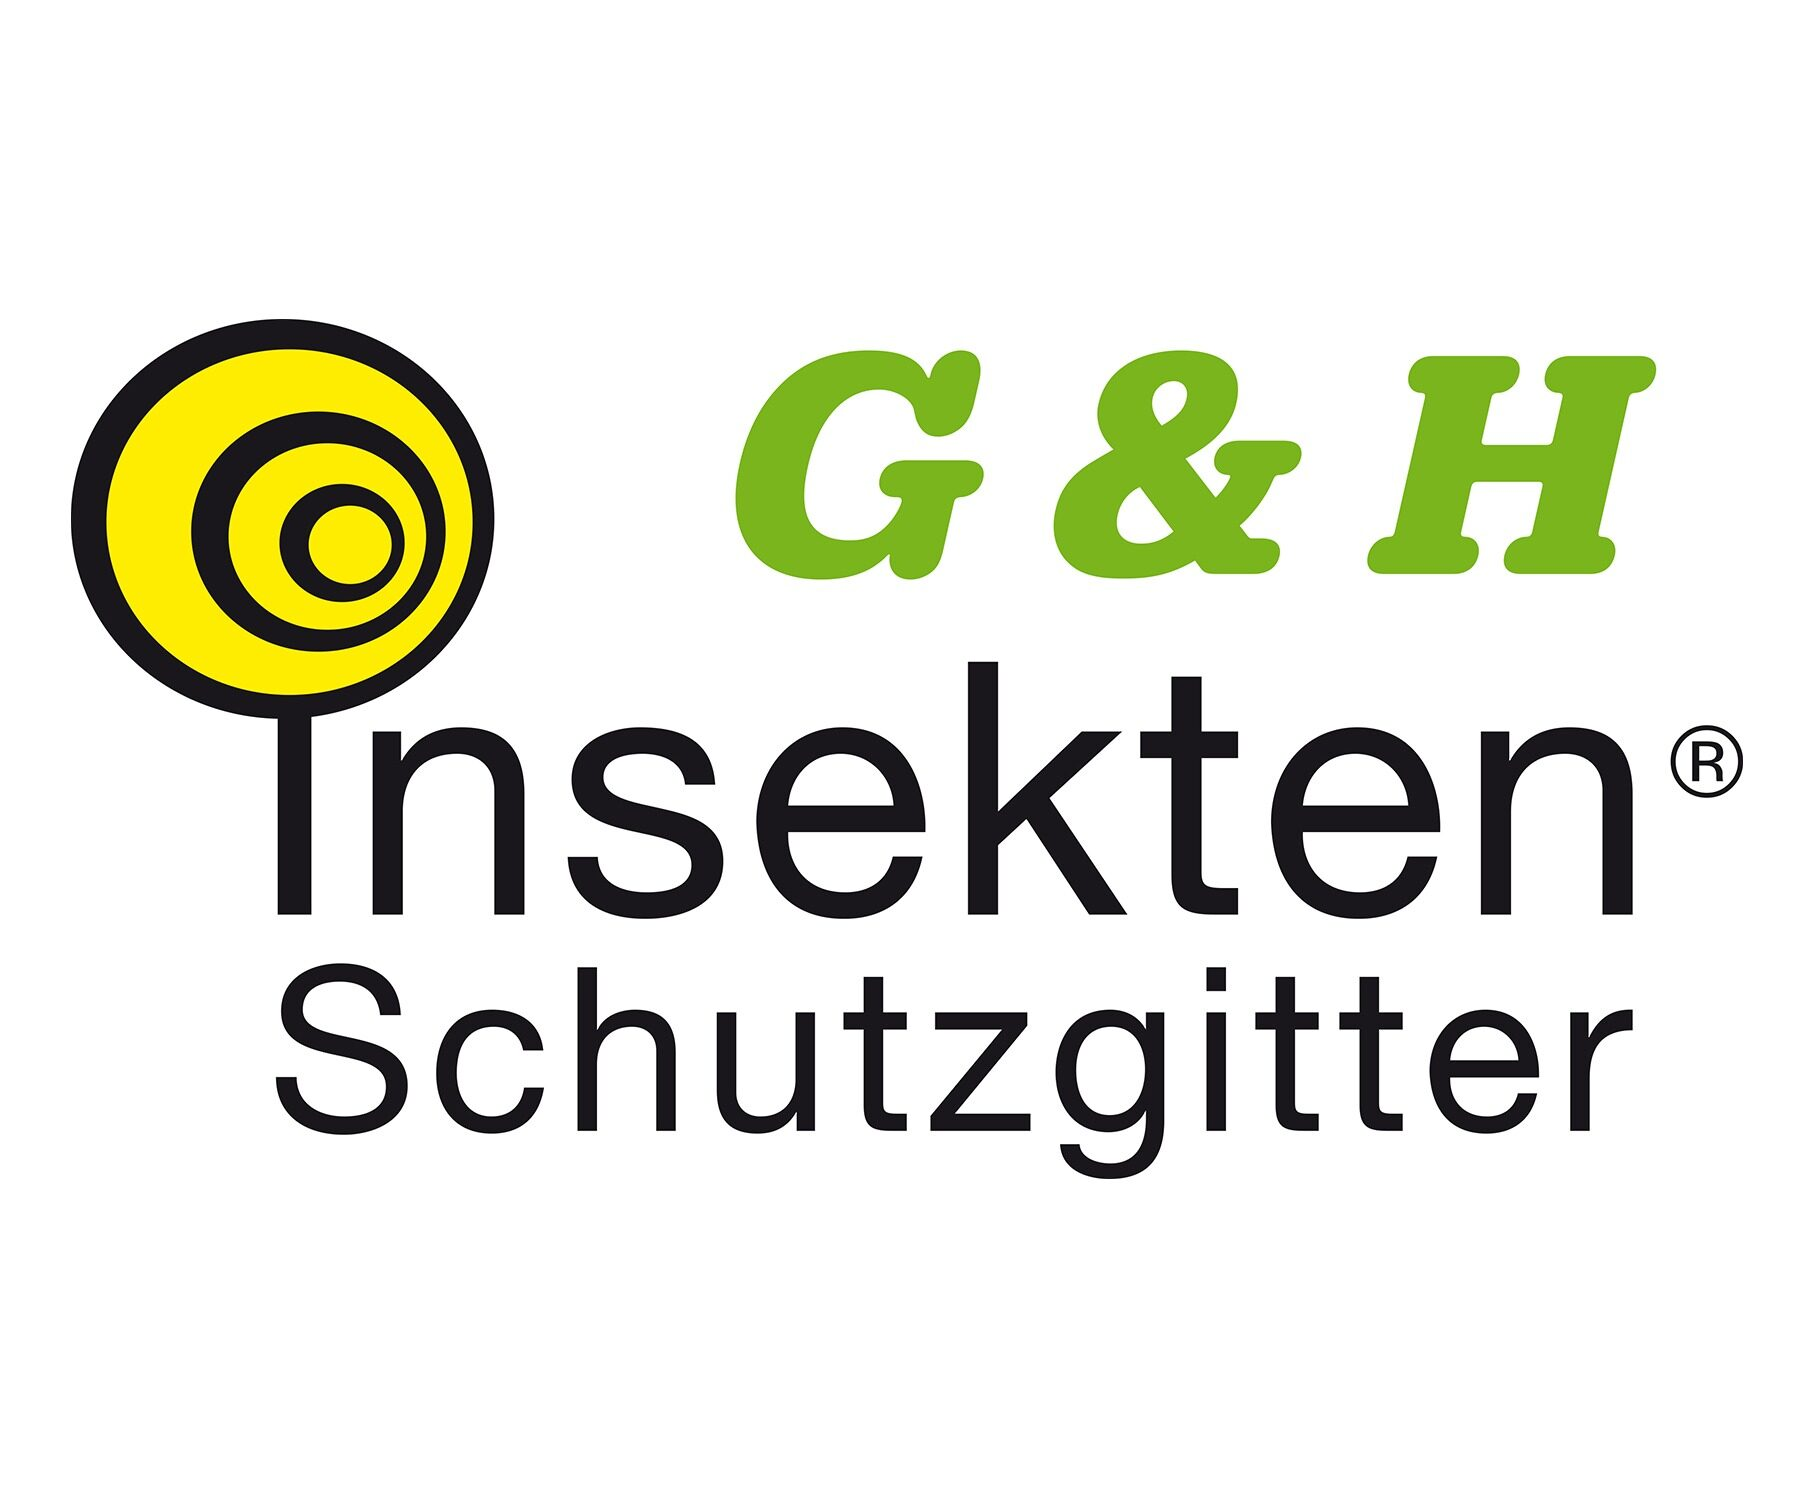 Fliegengitter und Insektenschutzgitter Birsfelden, Basel, Gurmels, Montlingen – Fliegengitter nach Mass